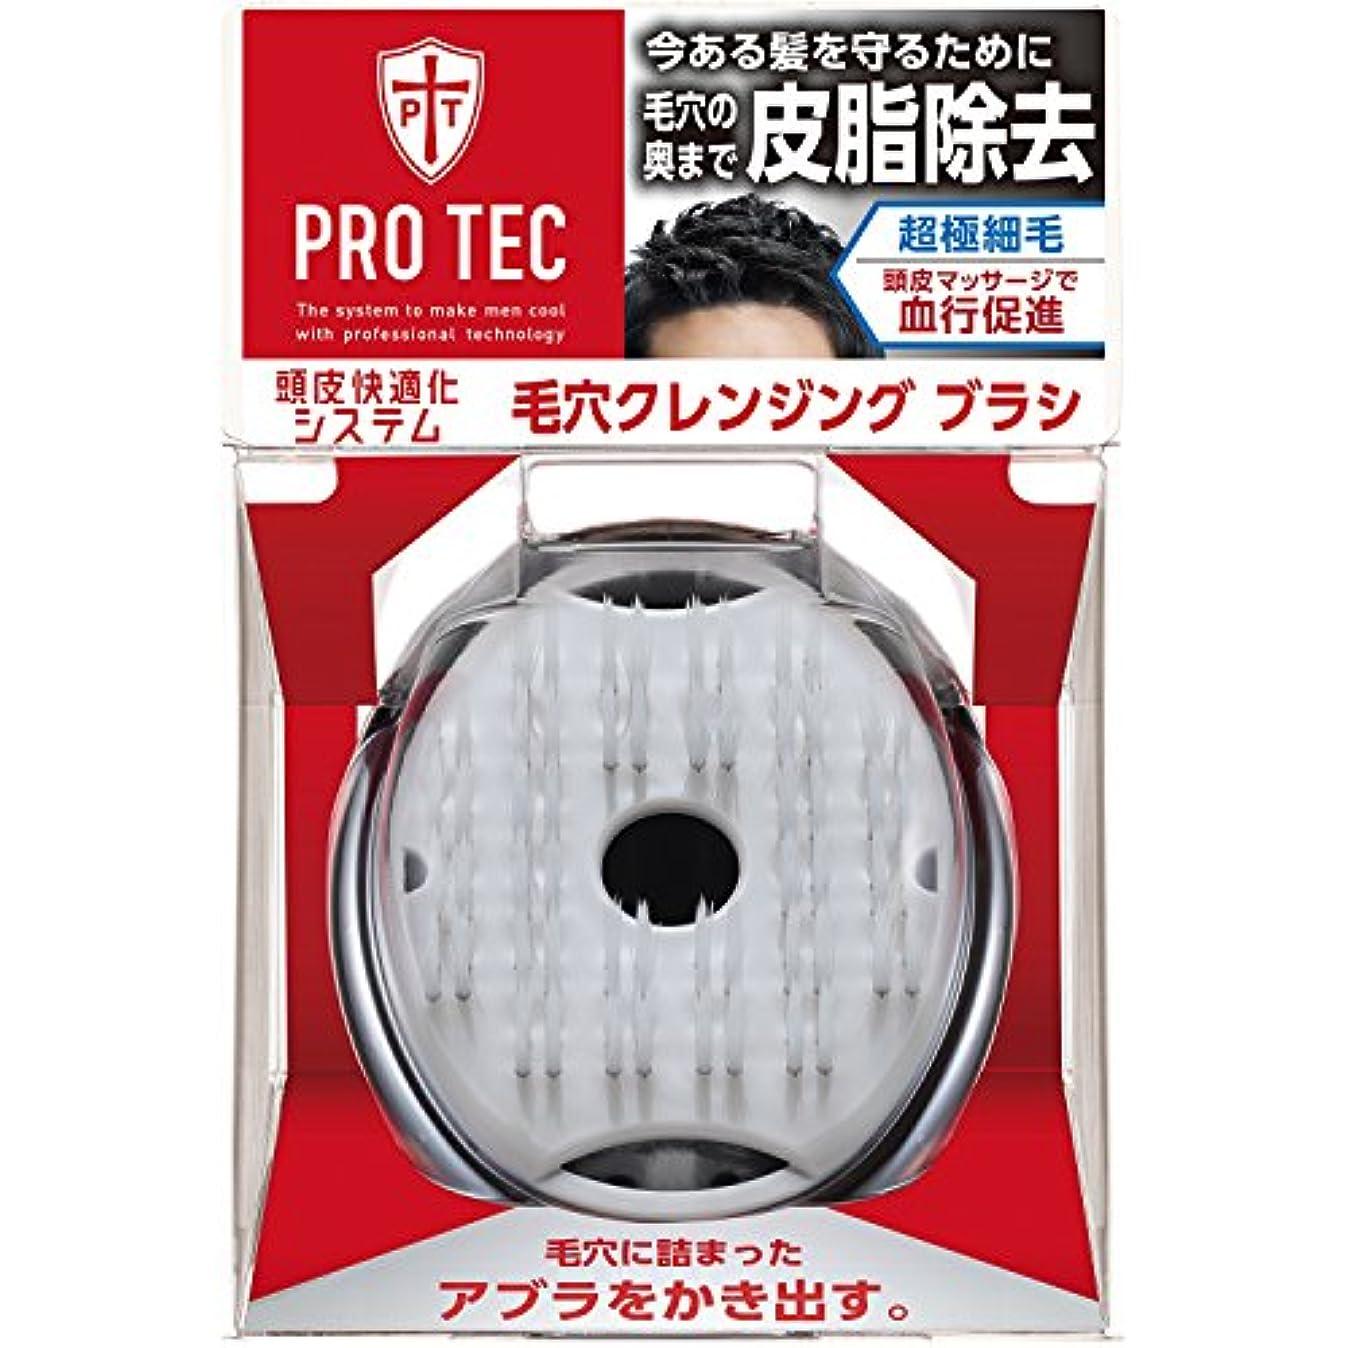 悲劇隠すビリーPRO TEC(プロテク) ウォッシングブラシ 毛穴クレンジングタイプ